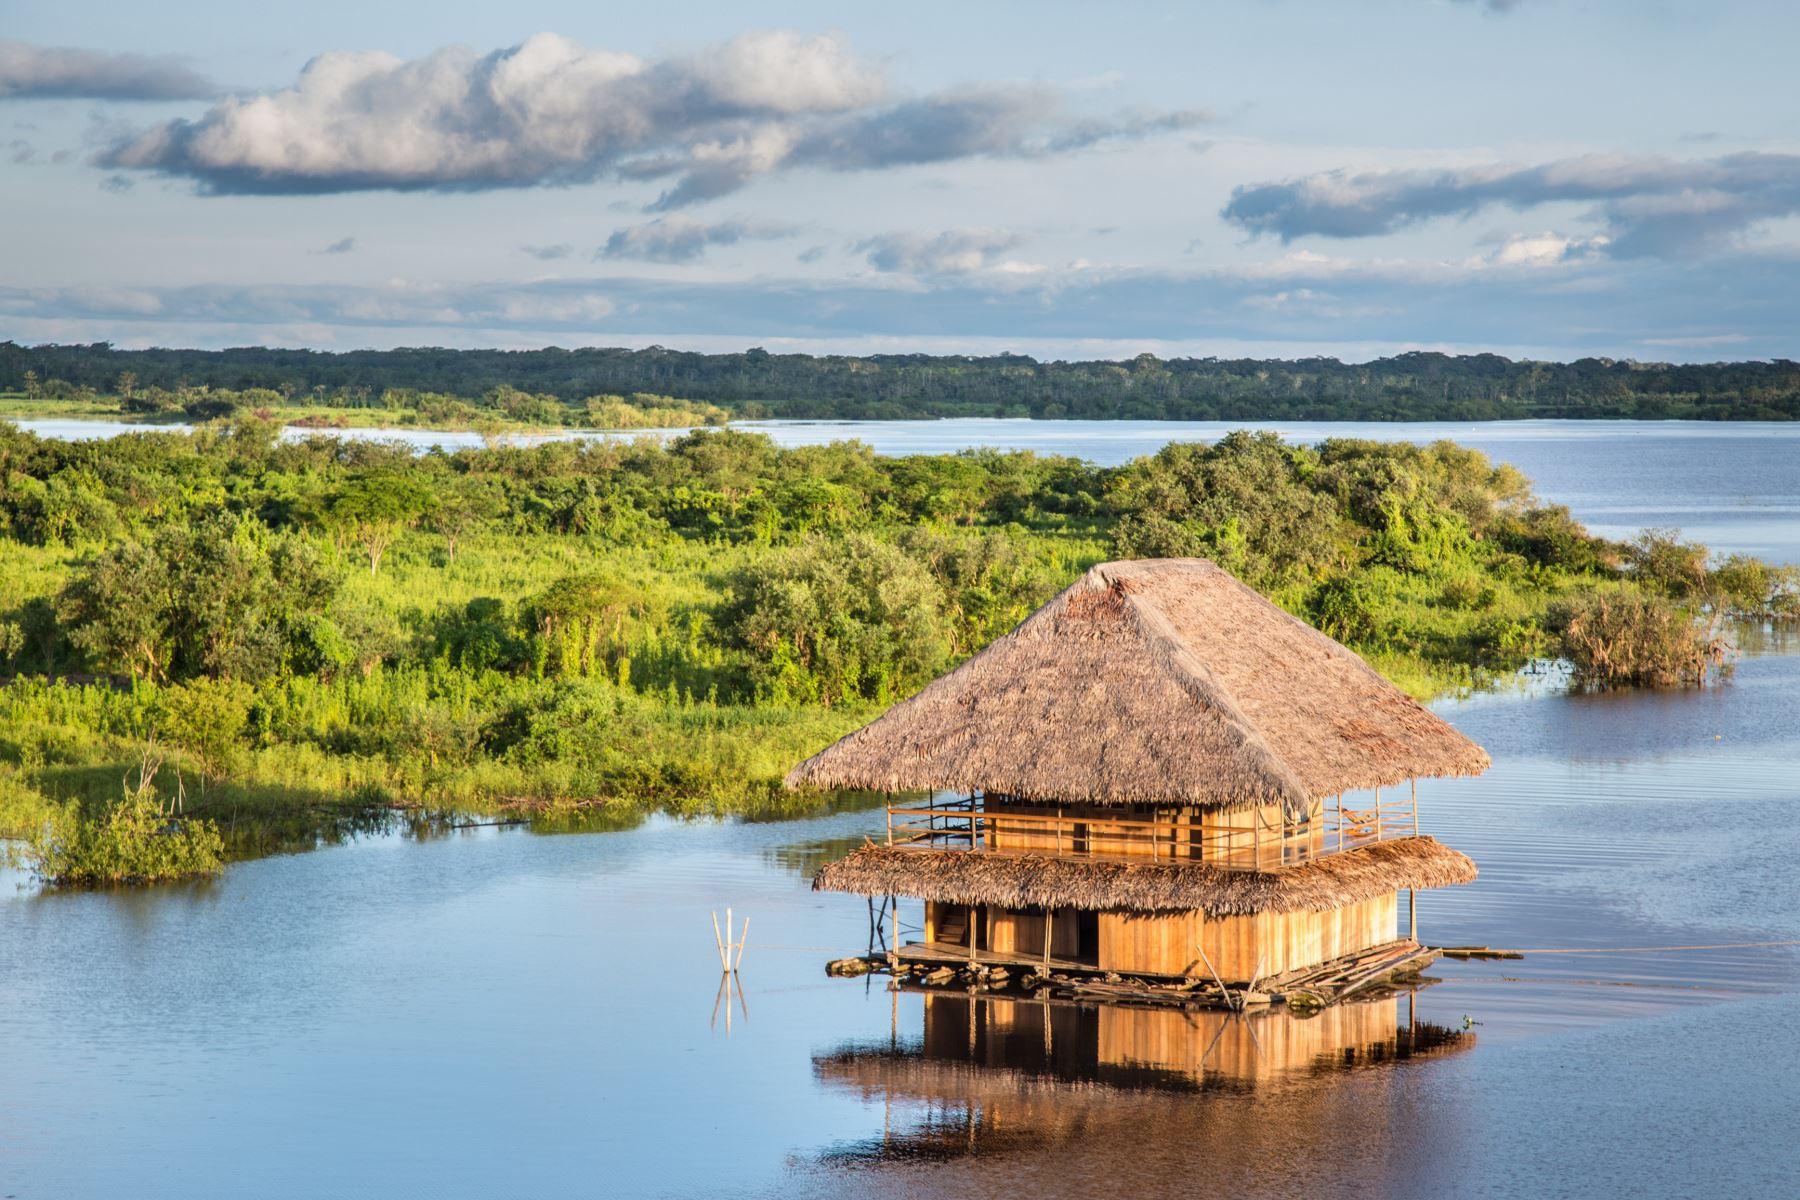 El río Amazonas logra la Jerarquía 4, la máxima distinción turística del mundo. En el Perú solo la poseen Machu Picchu y las Líneas de Nasca, destacó Mincetur. ANDINA/Difusión